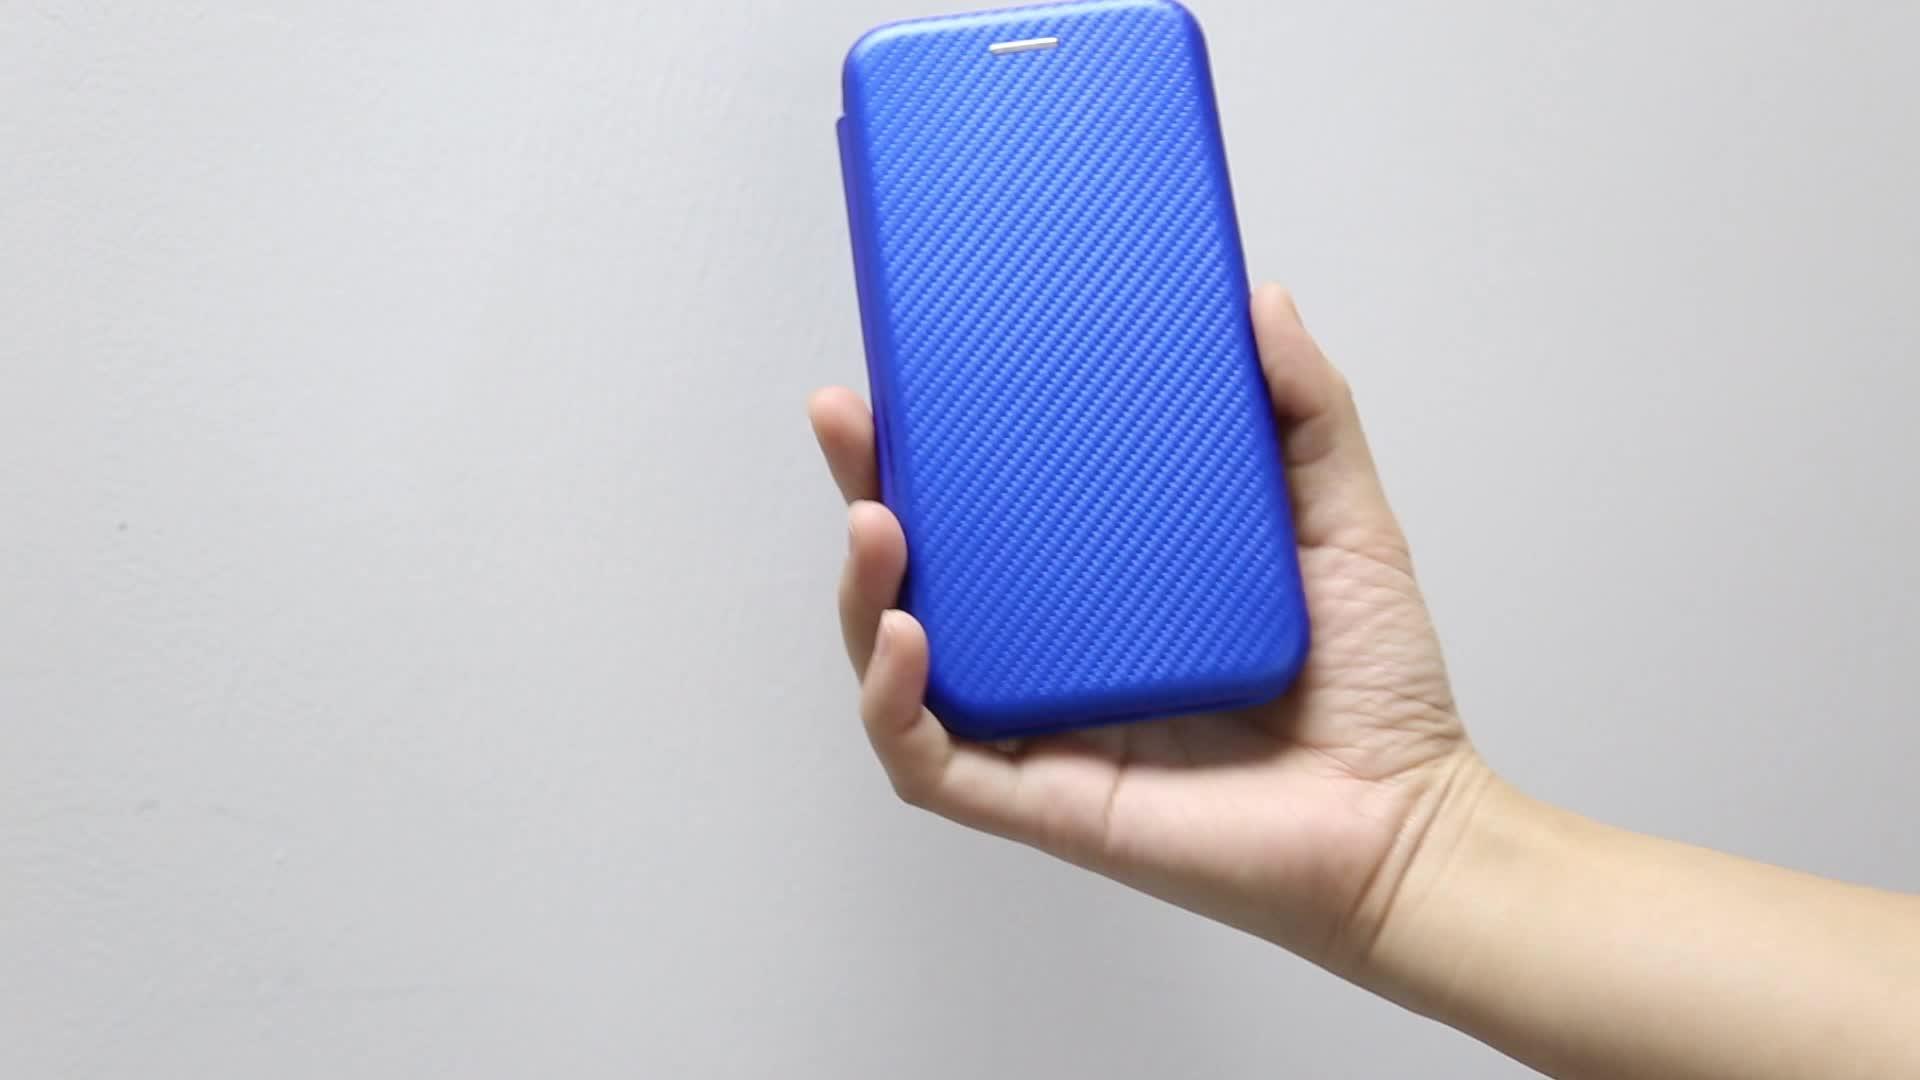 Livro Caso inteligente Faixa De Fibra De Carbono Acessórios de Telefone Celular com Suporte de Cartão para alcatel 3L 3 2019 1s 1x 1c Tetra 7 5v 5 3v 3x3